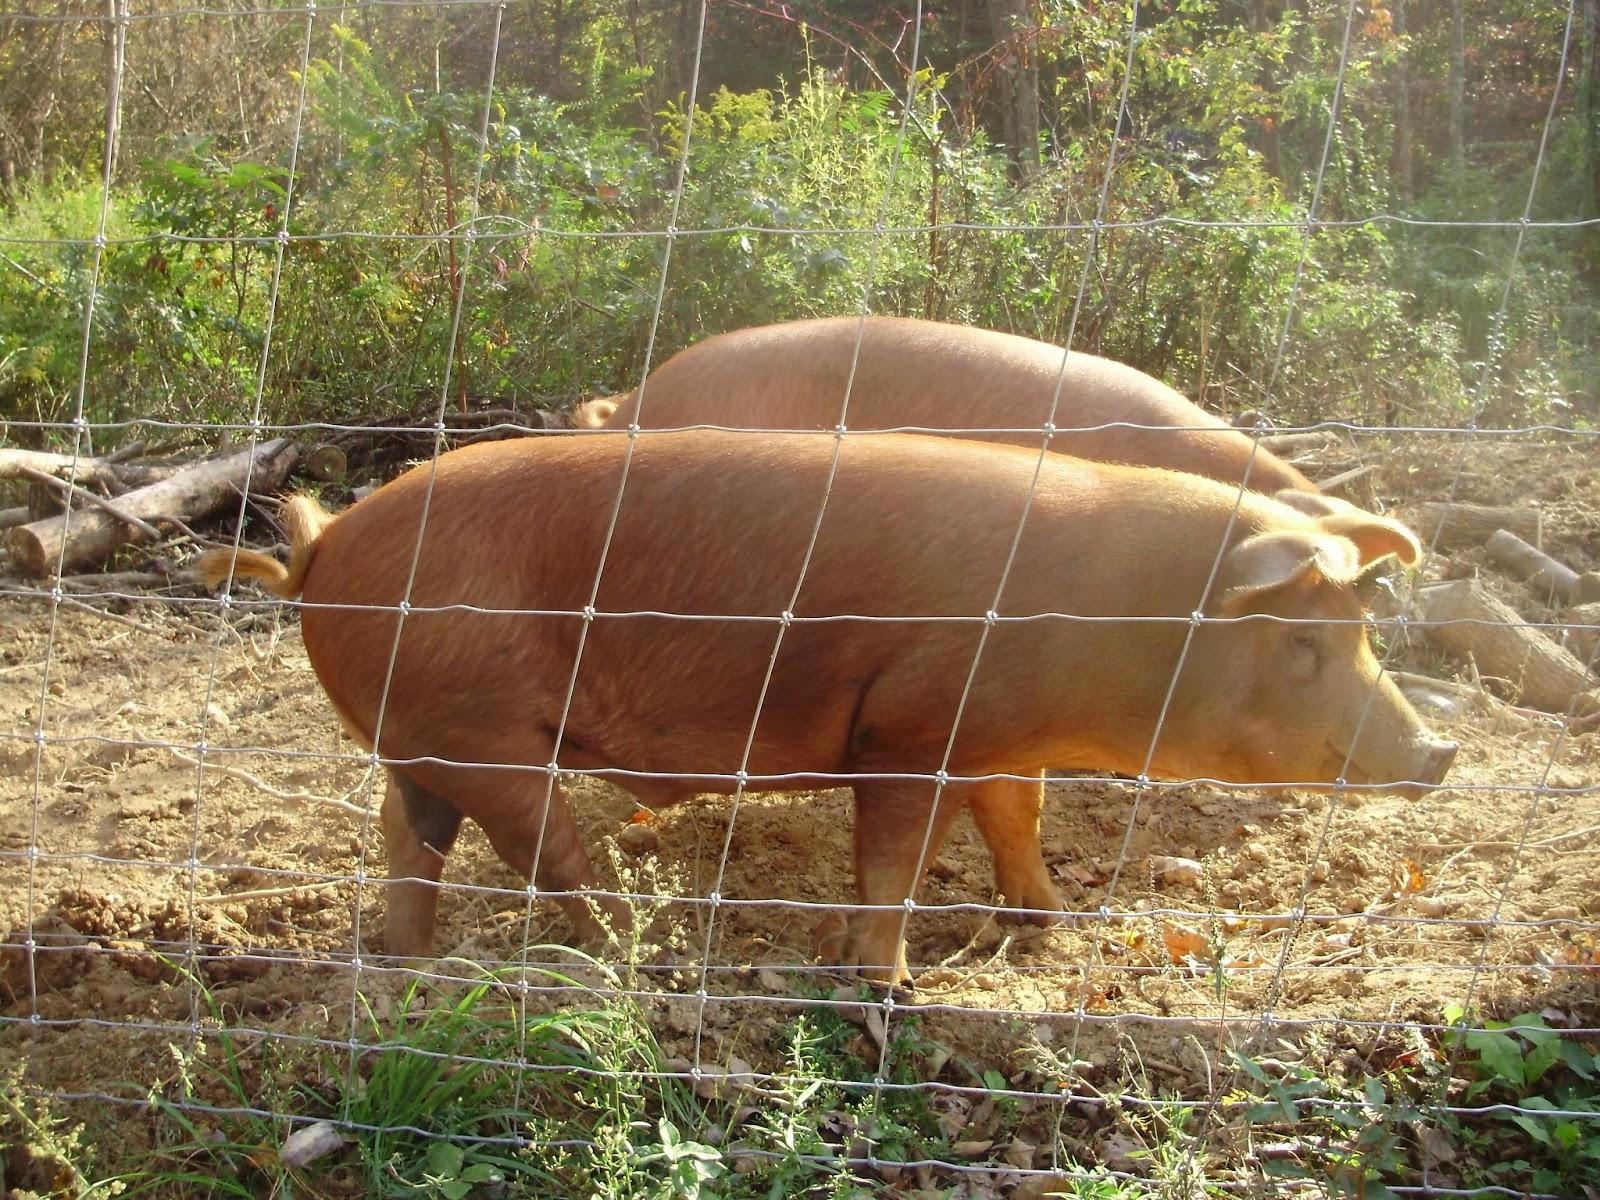 Как зарезать свинью, технология убоя и разделки туши 29